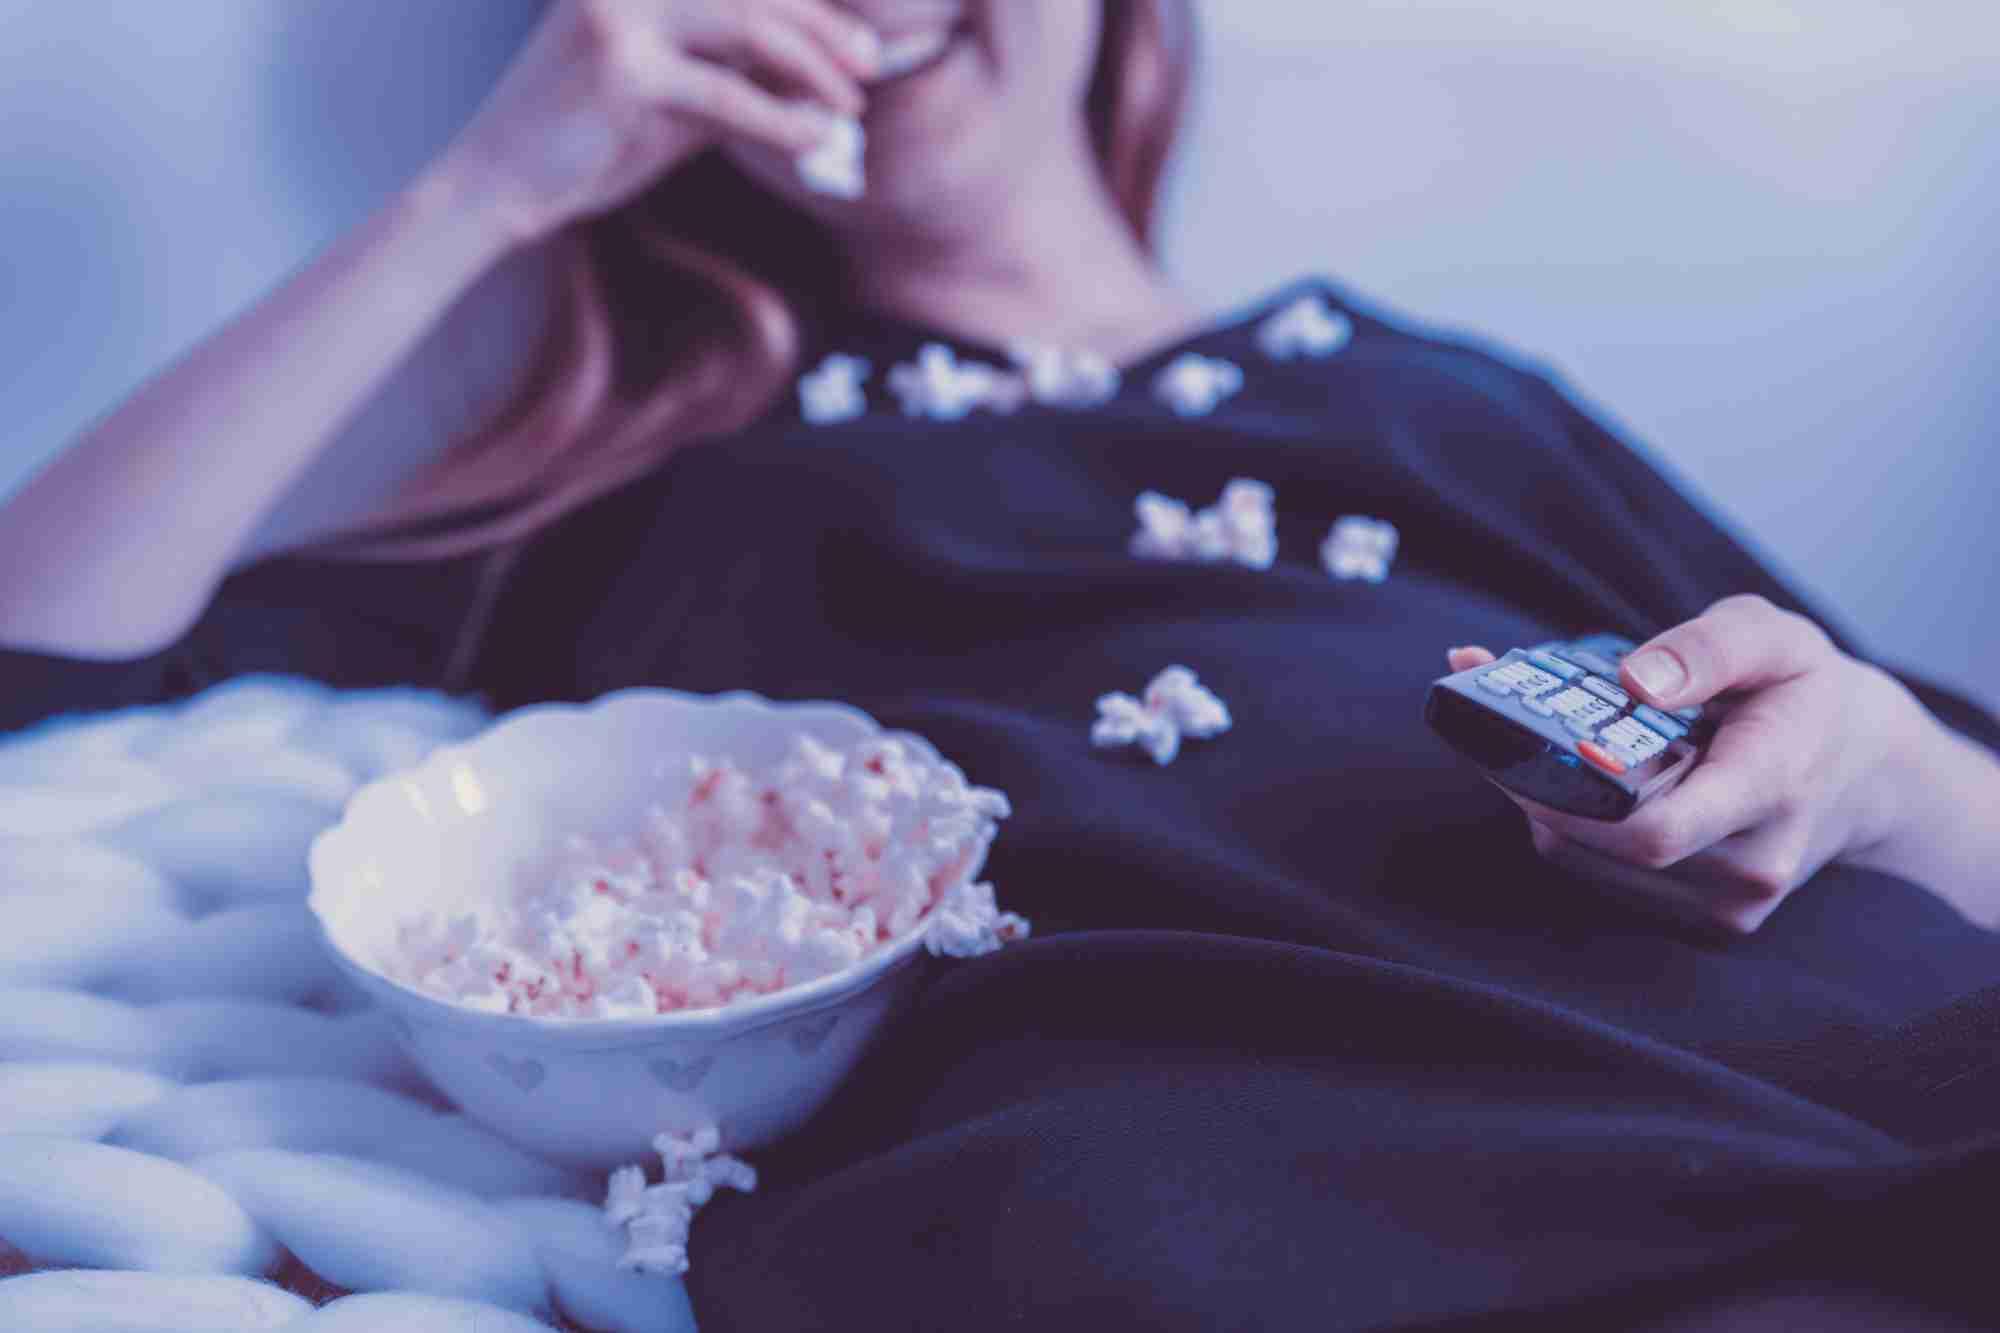 Mujer con pijama tumbada cómodamente en un sofá, con el mando de la televisión en una mano, comiendo palomitas de maíz con la otra.